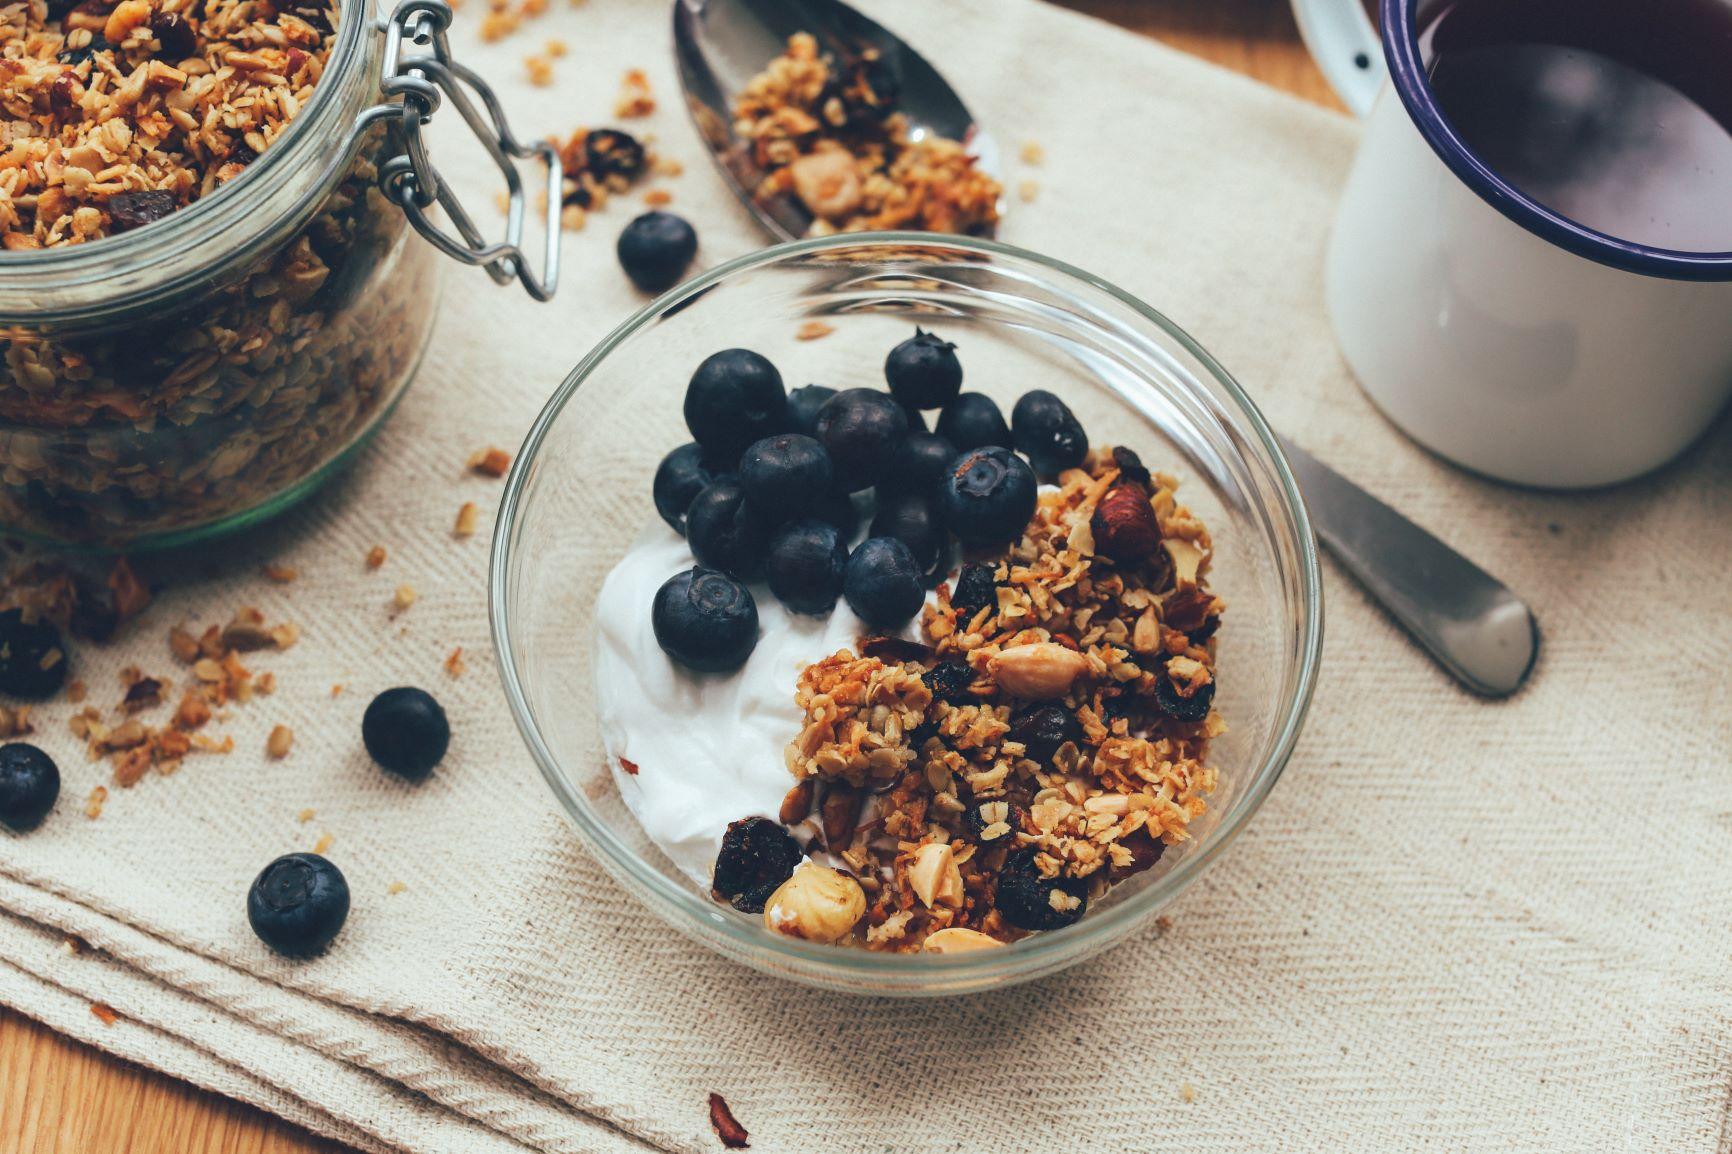 Leidt het overslaan van het ontbijt tot gewichtstoename?